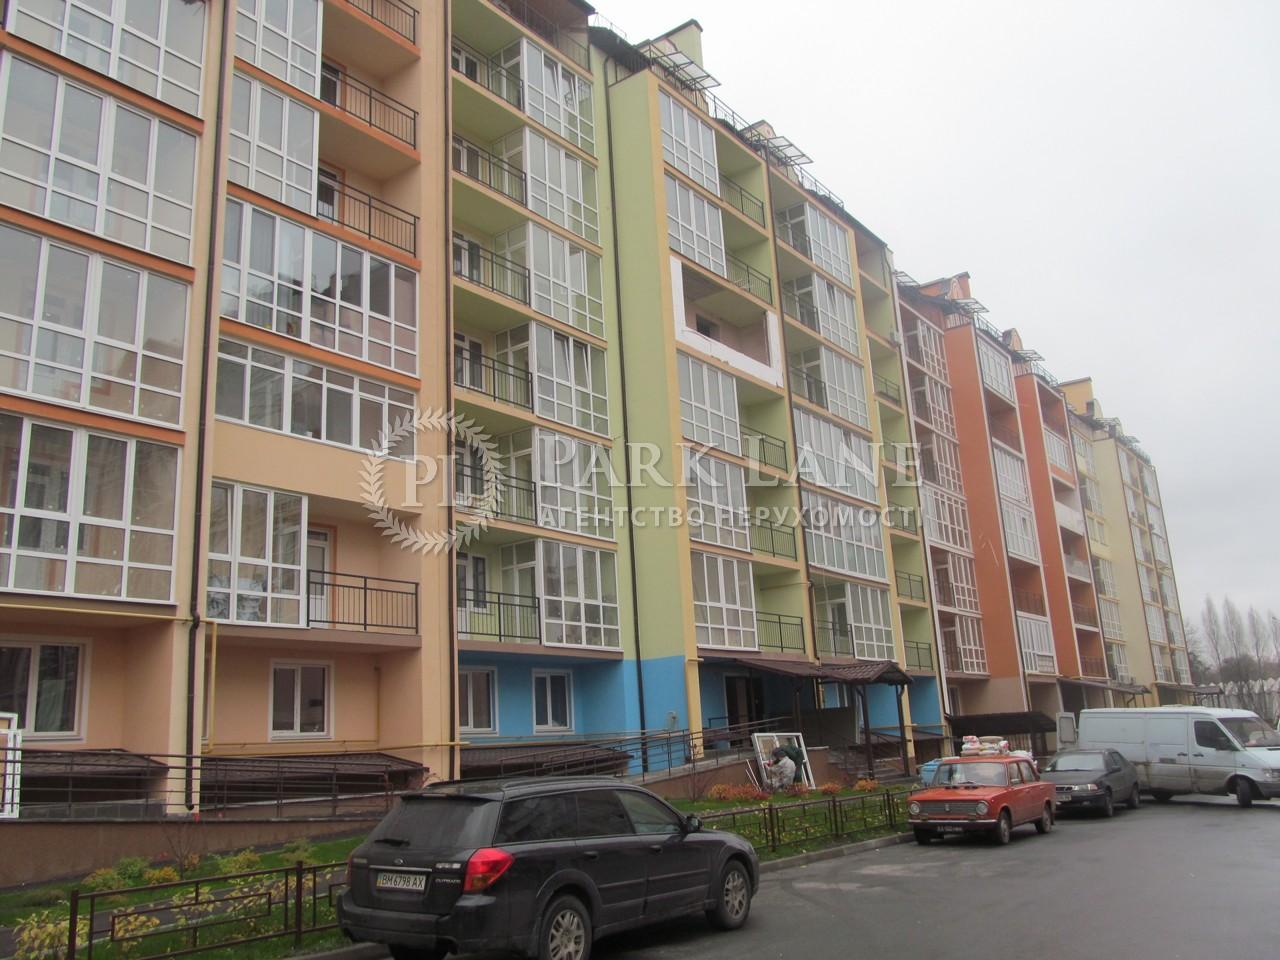 Квартира вул. Лебедєва Ак., 1 корпус 7, Київ, A-108228 - Фото 1